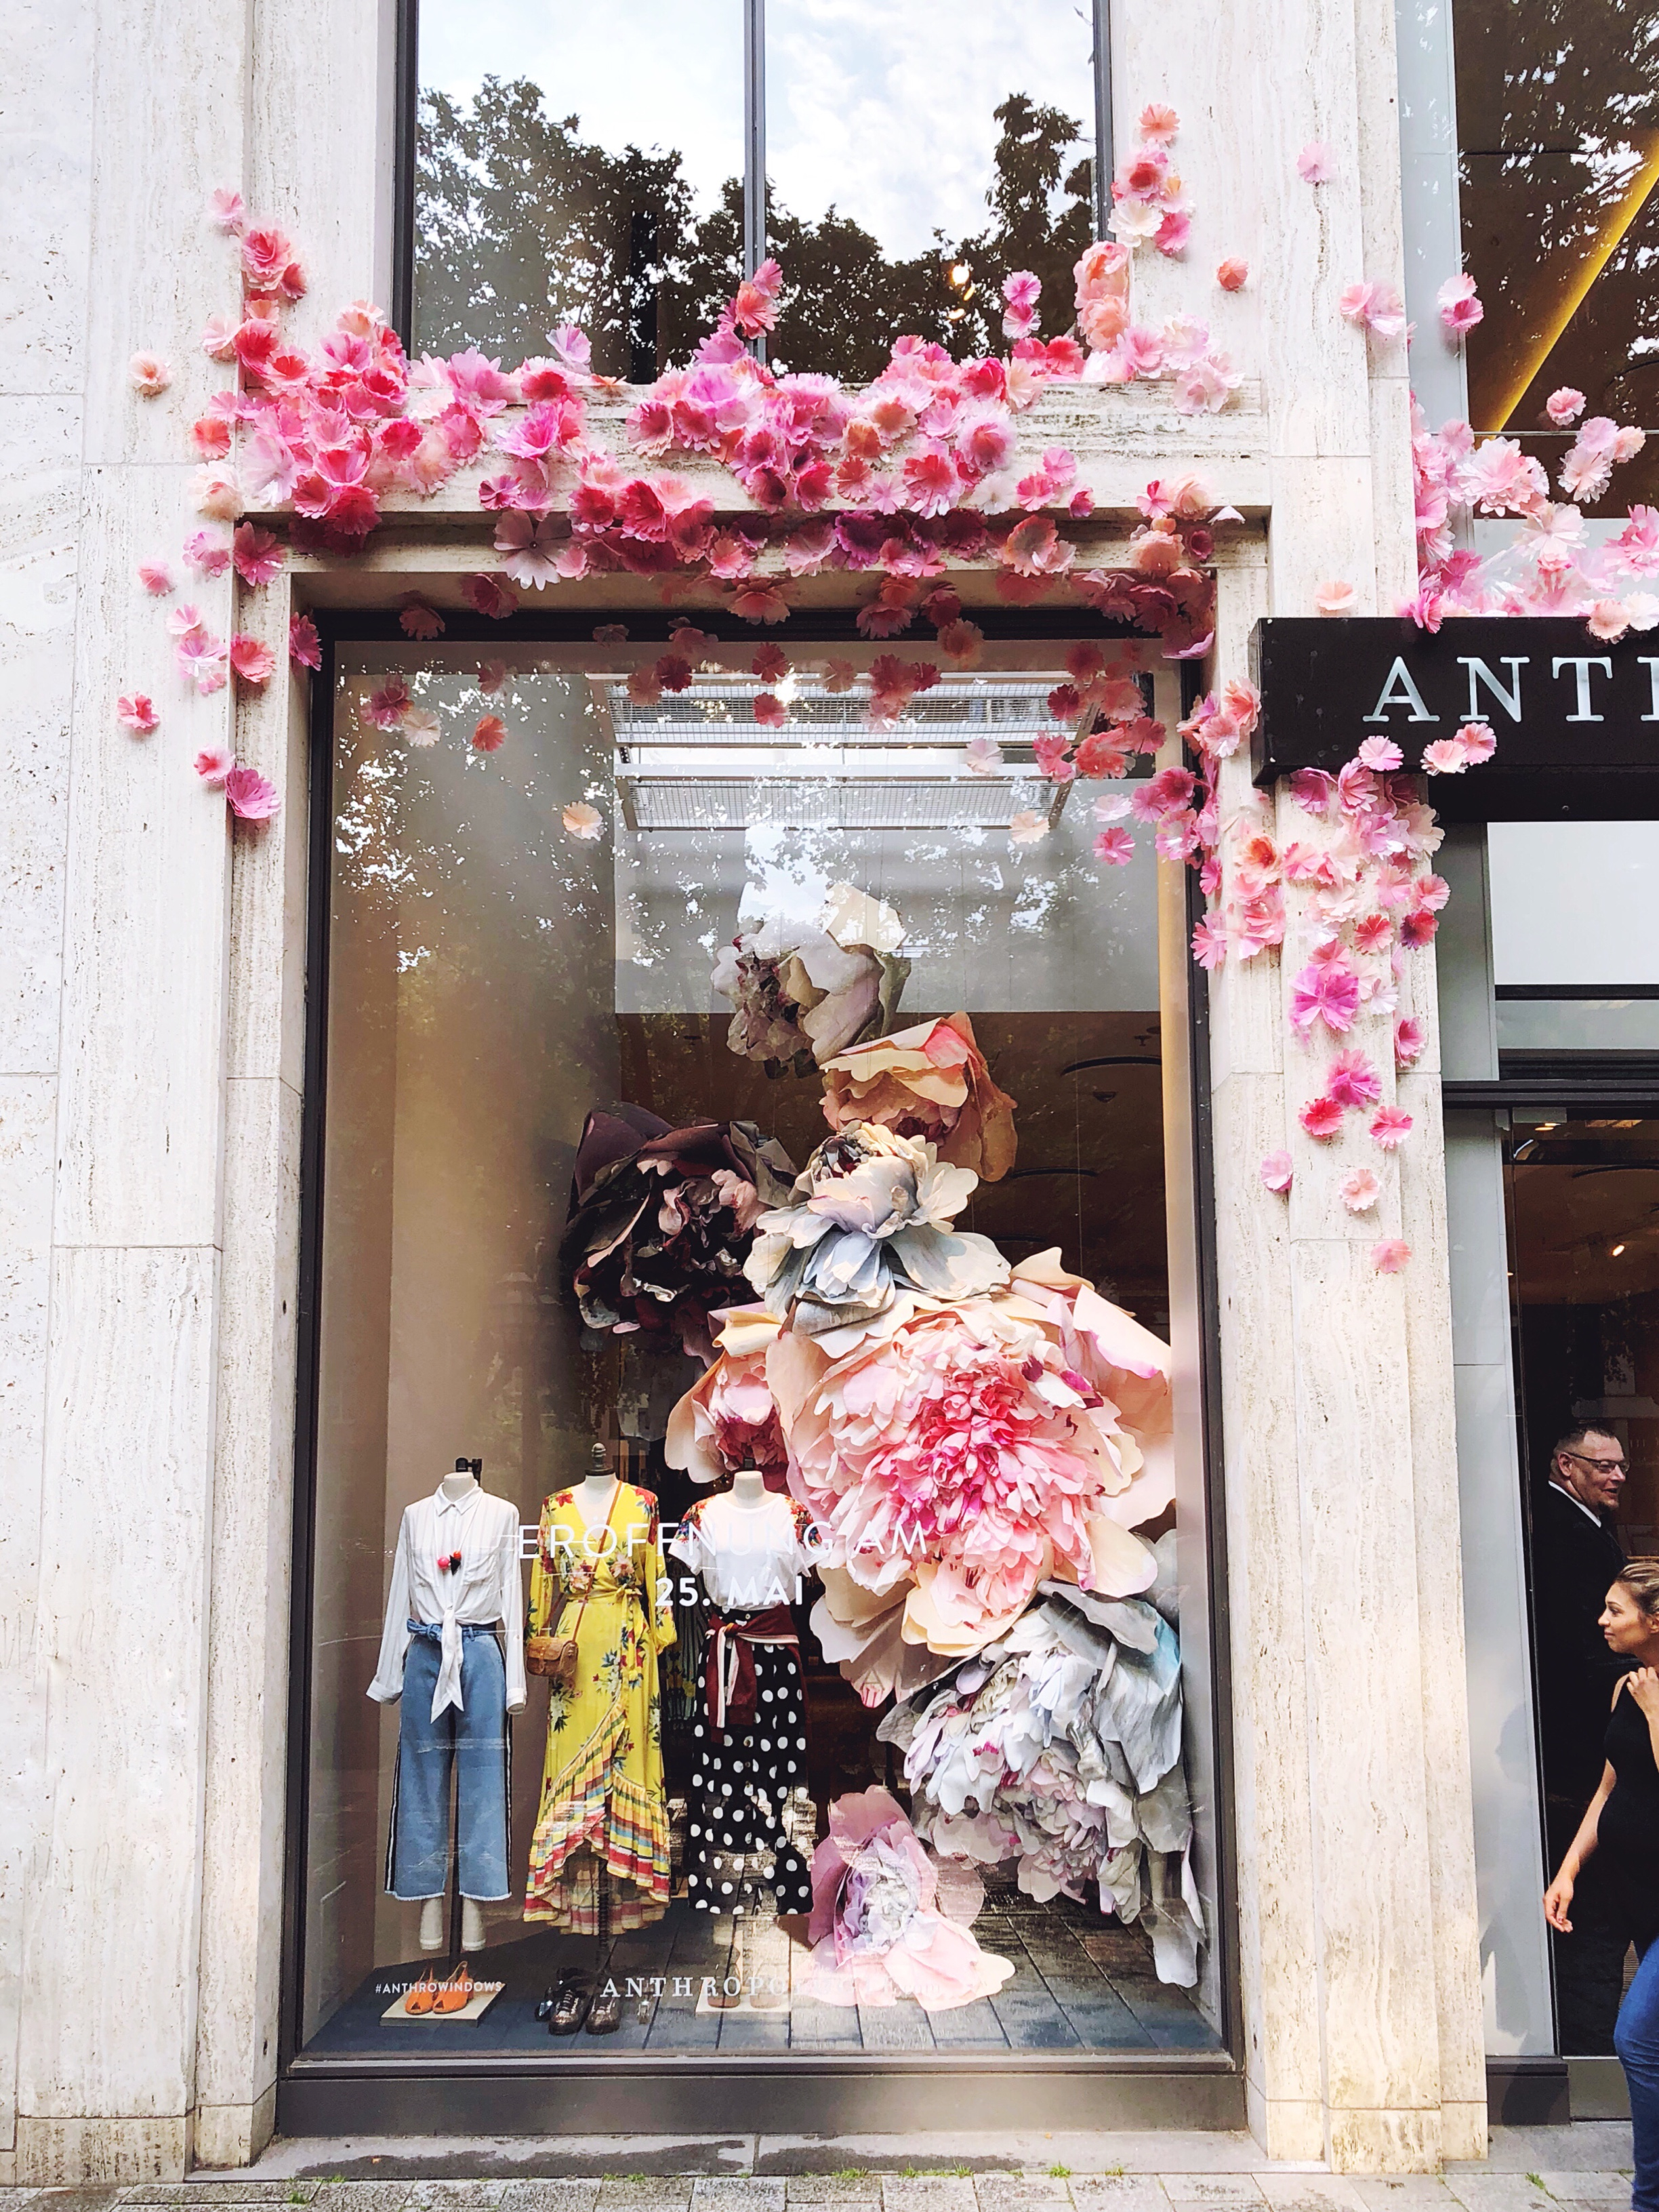 Düsseldorf Anthropologie Store Window